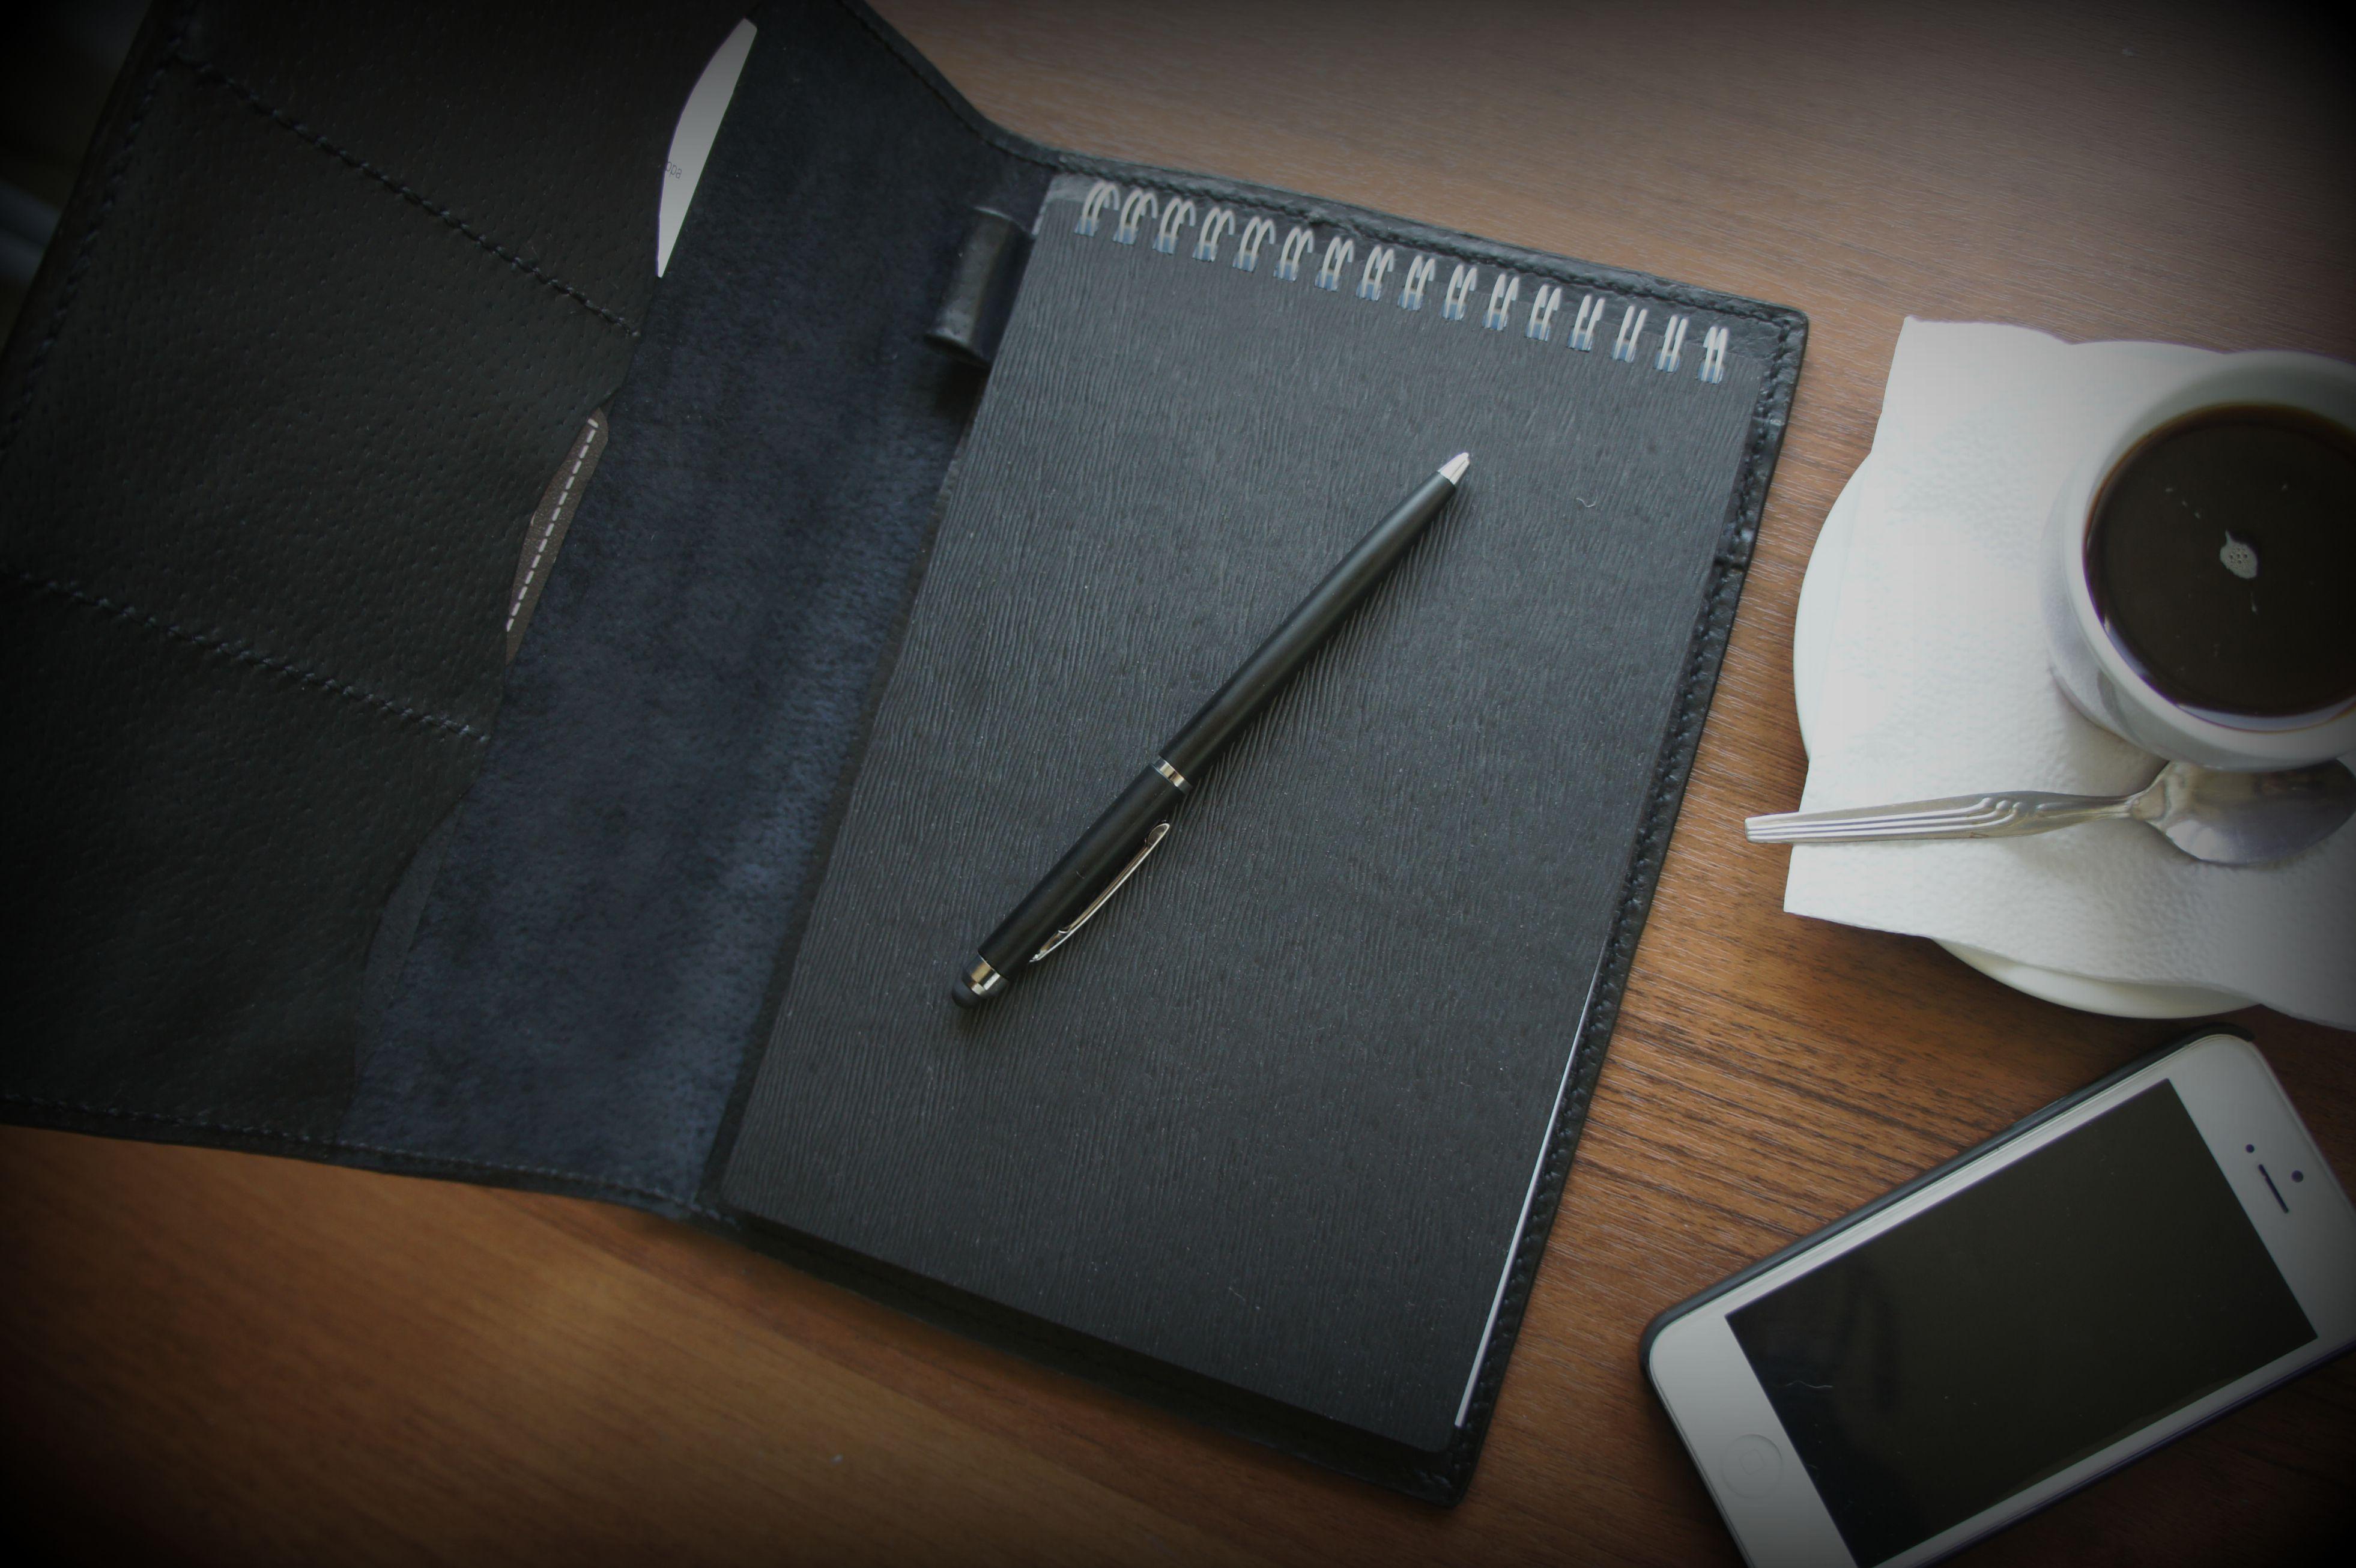 подарок блокноткожаный обложкадляежедневника блокнотвподарок подарокруководителю ежедневниквподарок ежедневниккожаный блокнотручнойработы именнойежедневник органайзер единственныйэкземпляр подарокмужчине подарокженщине